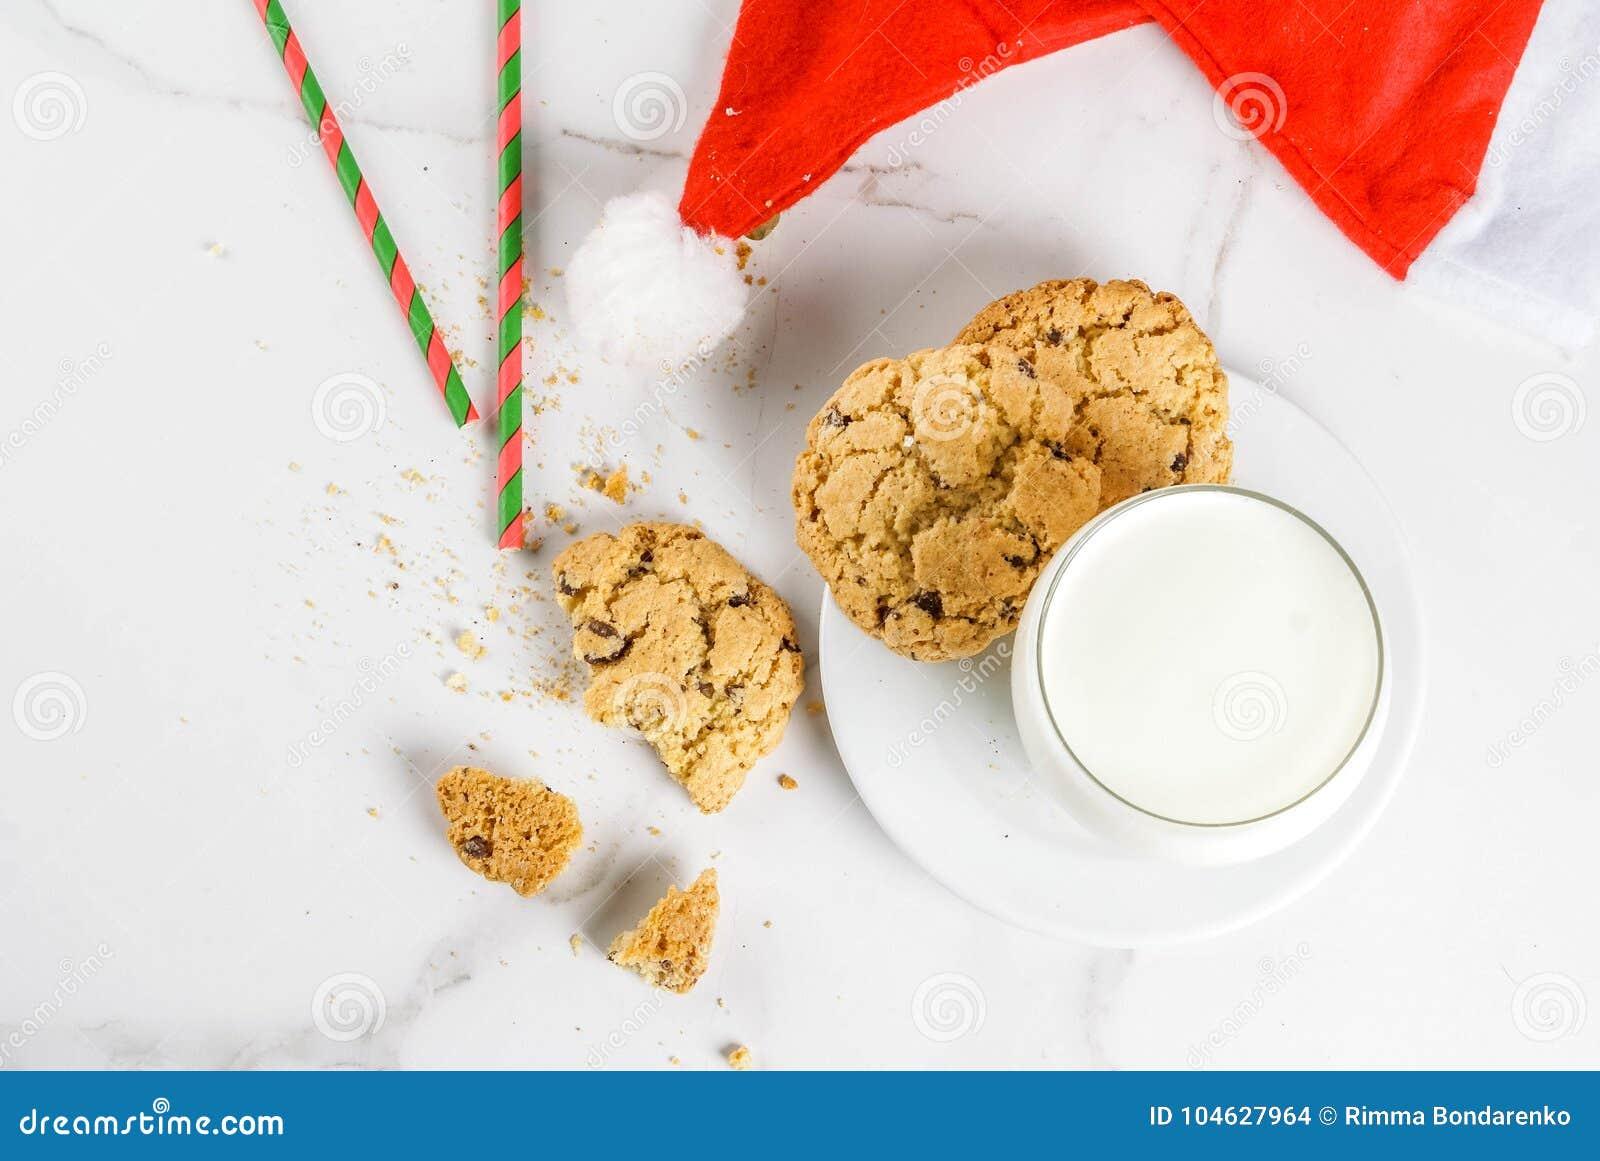 Download Melk En Koekjes Voor Kerstman Stock Foto - Afbeelding bestaande uit komst, decoratie: 104627964